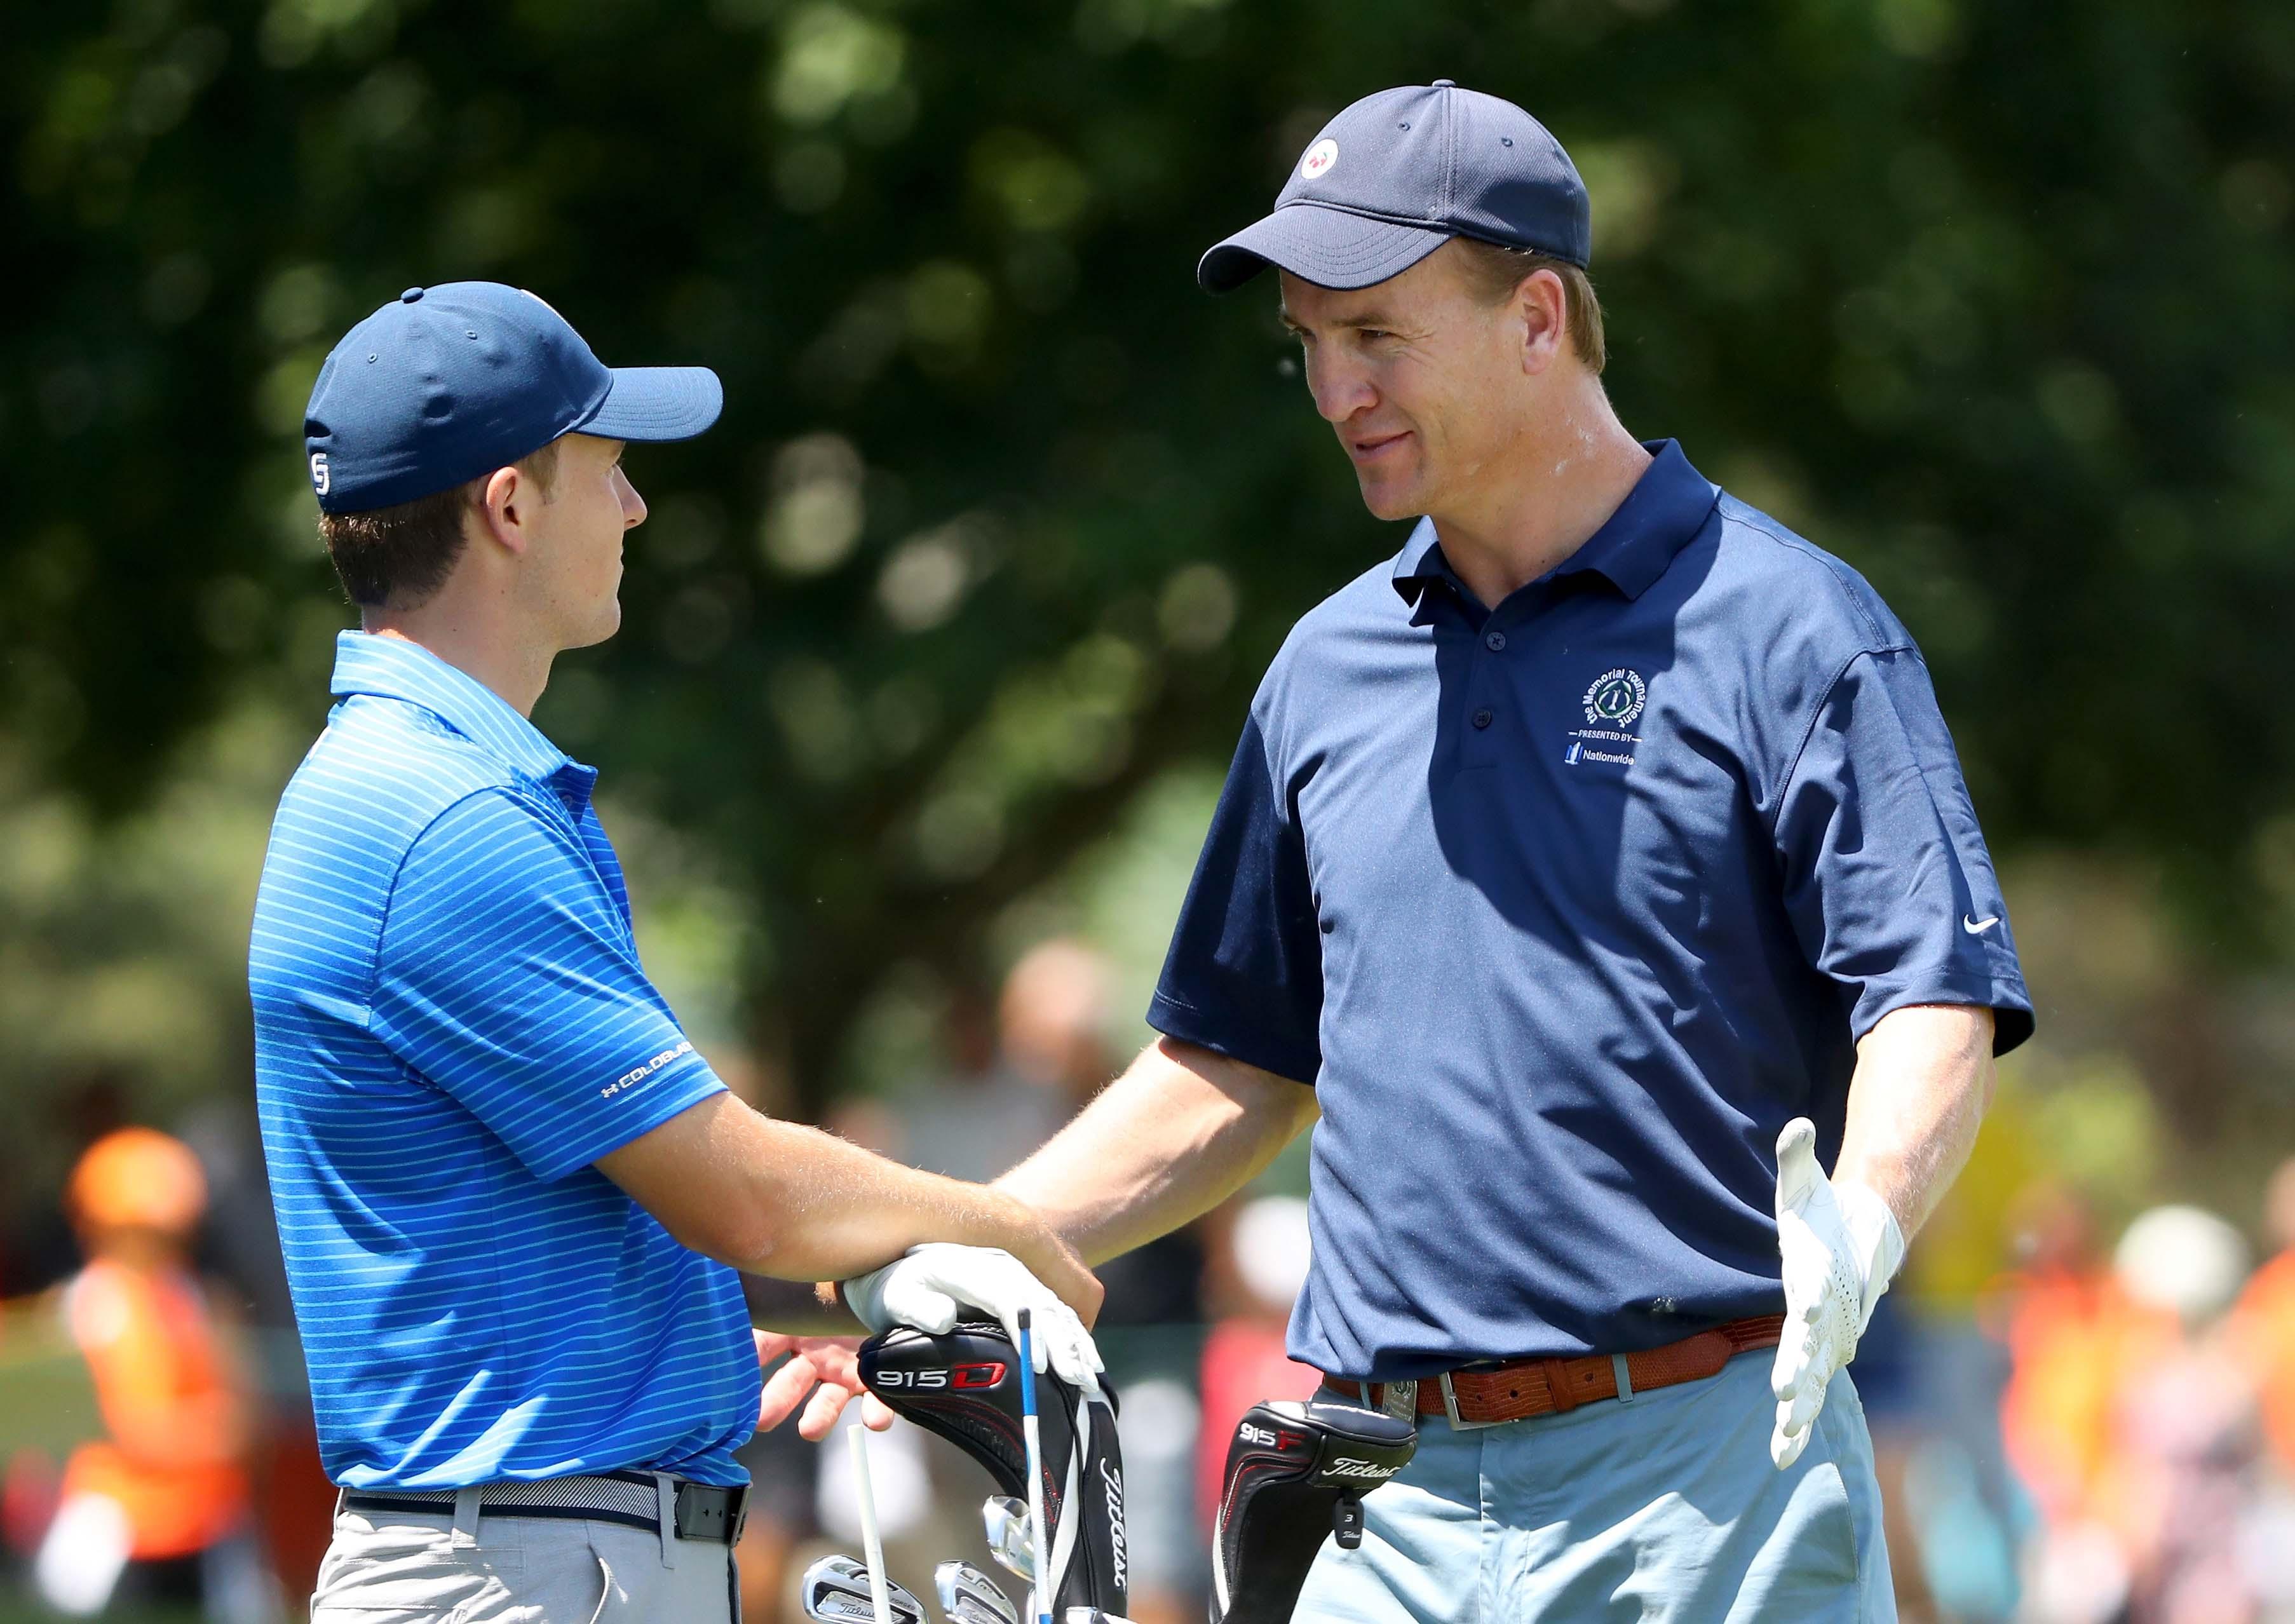 Jordan Spieth and Peyton Manning